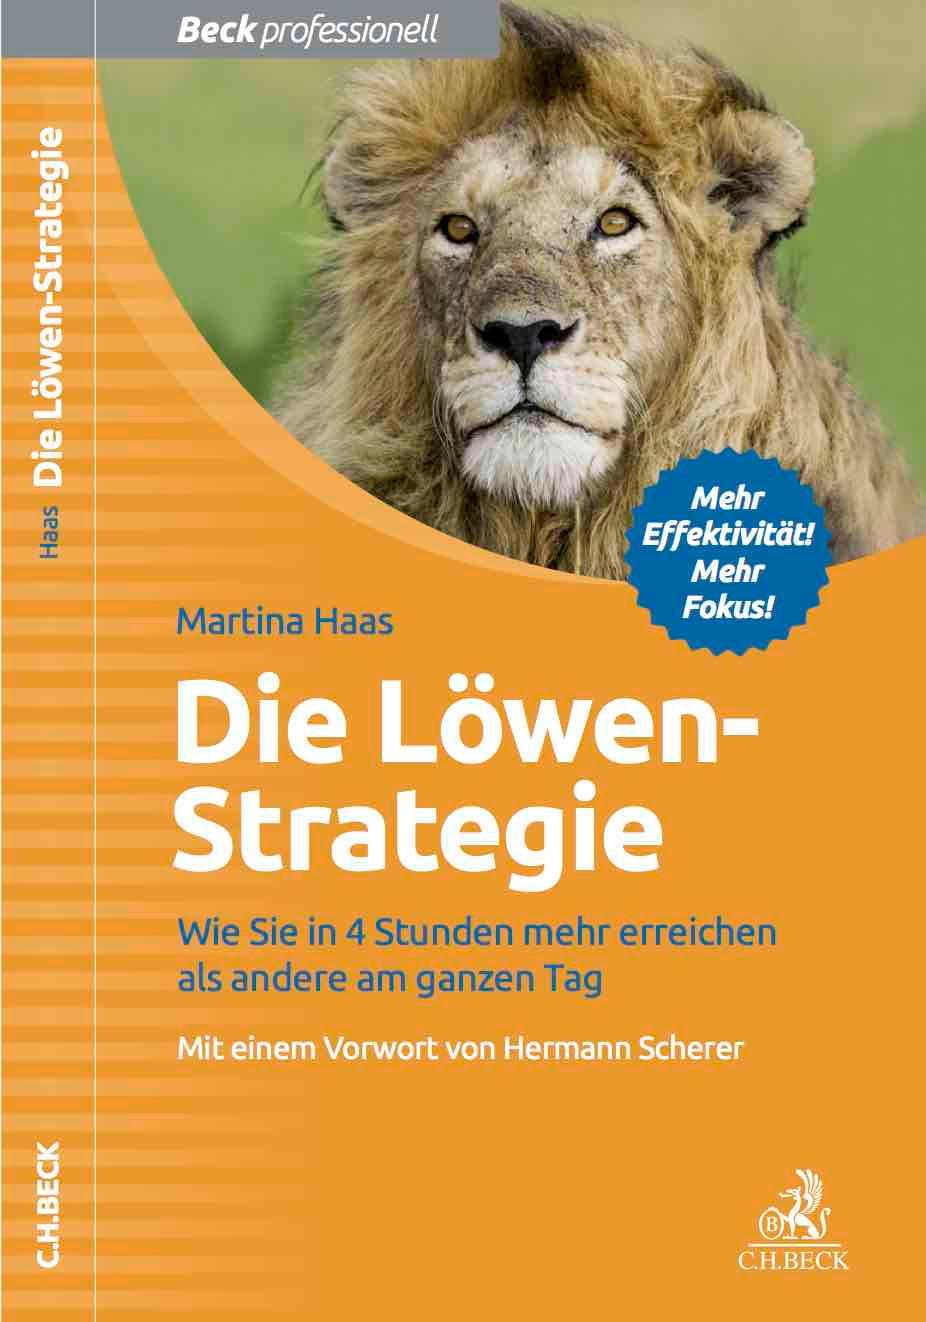 Buch die Löwenstrategie Martina Haas